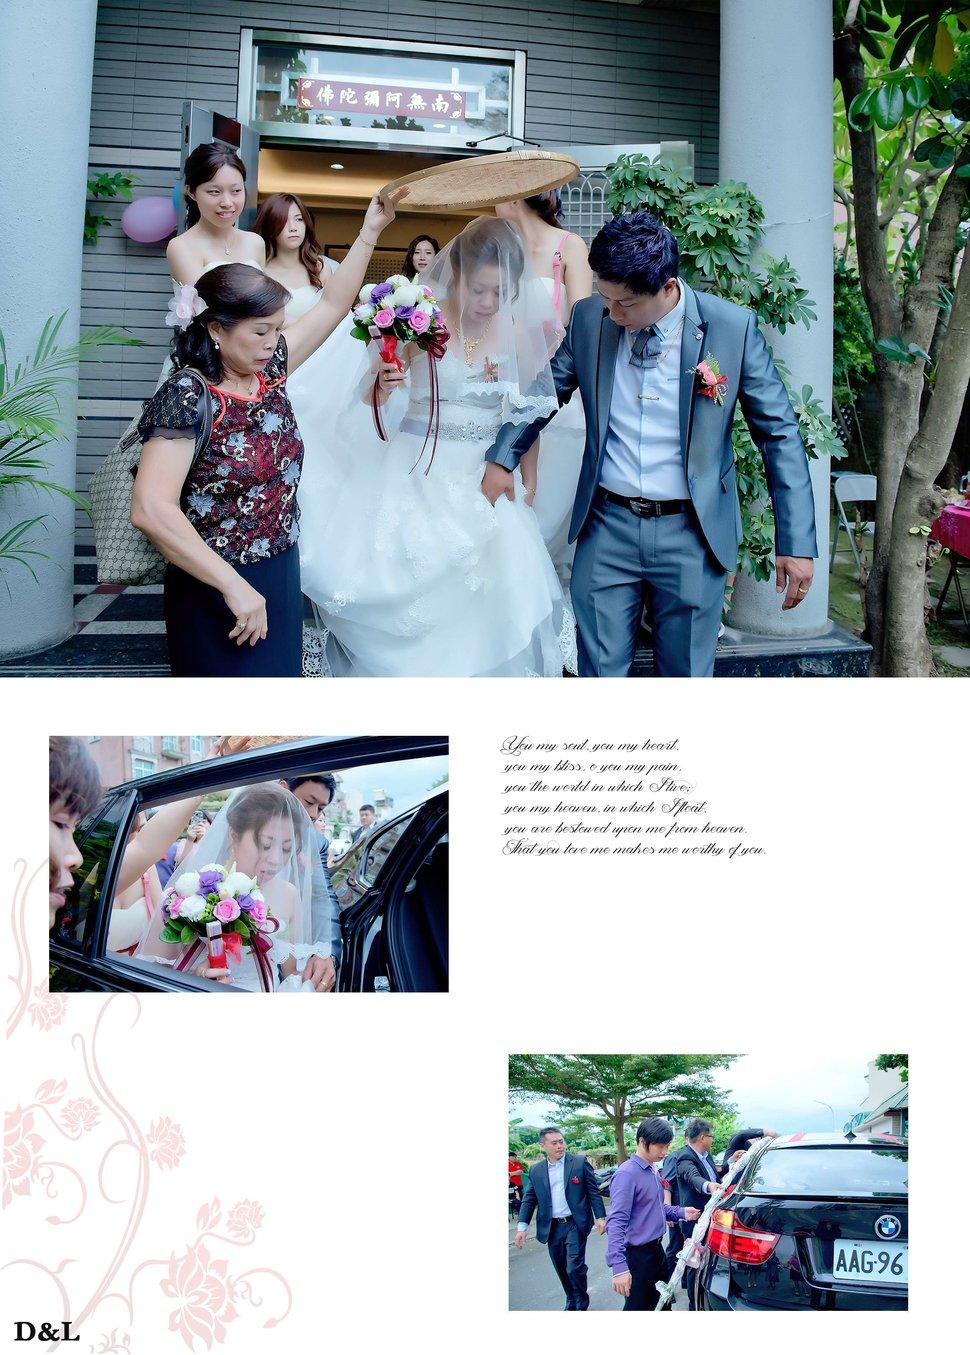 雲林婚攝 婚禮紀錄 敬添&綉芬 喜洋洋宴會廳雲林(編號:253240) - D&L 婚禮事務-婚紗攝影/婚禮記錄 - 結婚吧